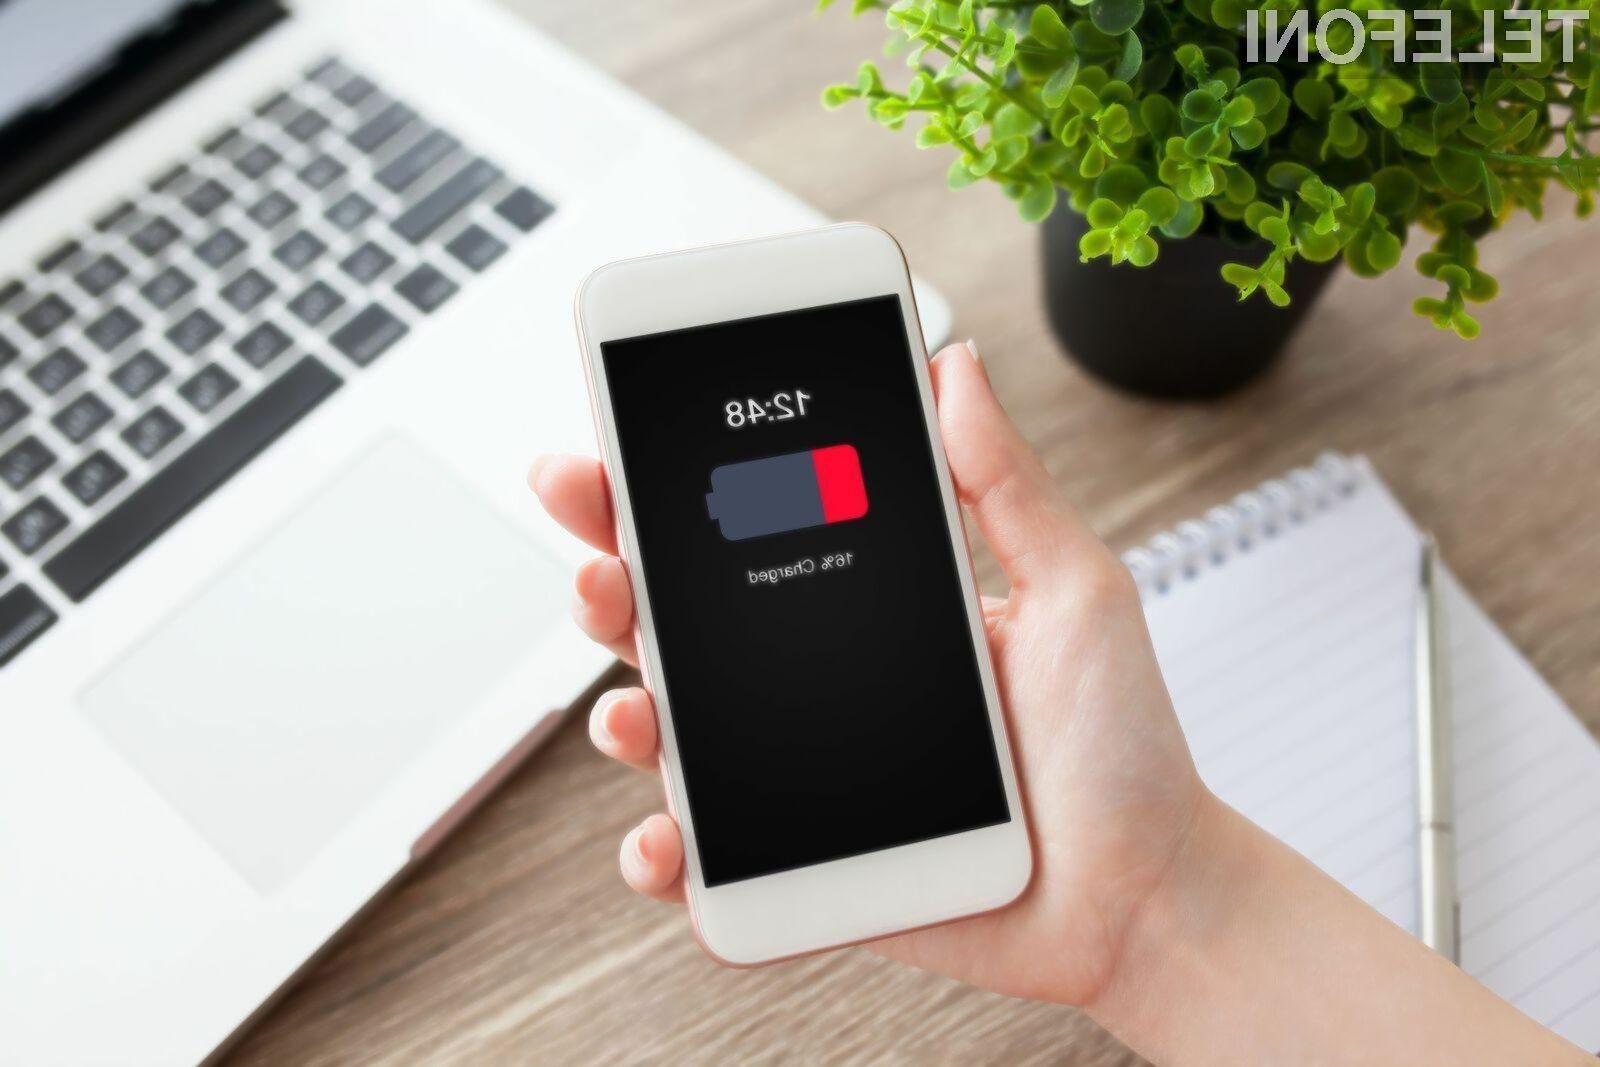 Ali ste tudi vi že nasedli kakšnemu od mitov o pravilnem ravnanju z baterijami, ki krožijo po spletu?